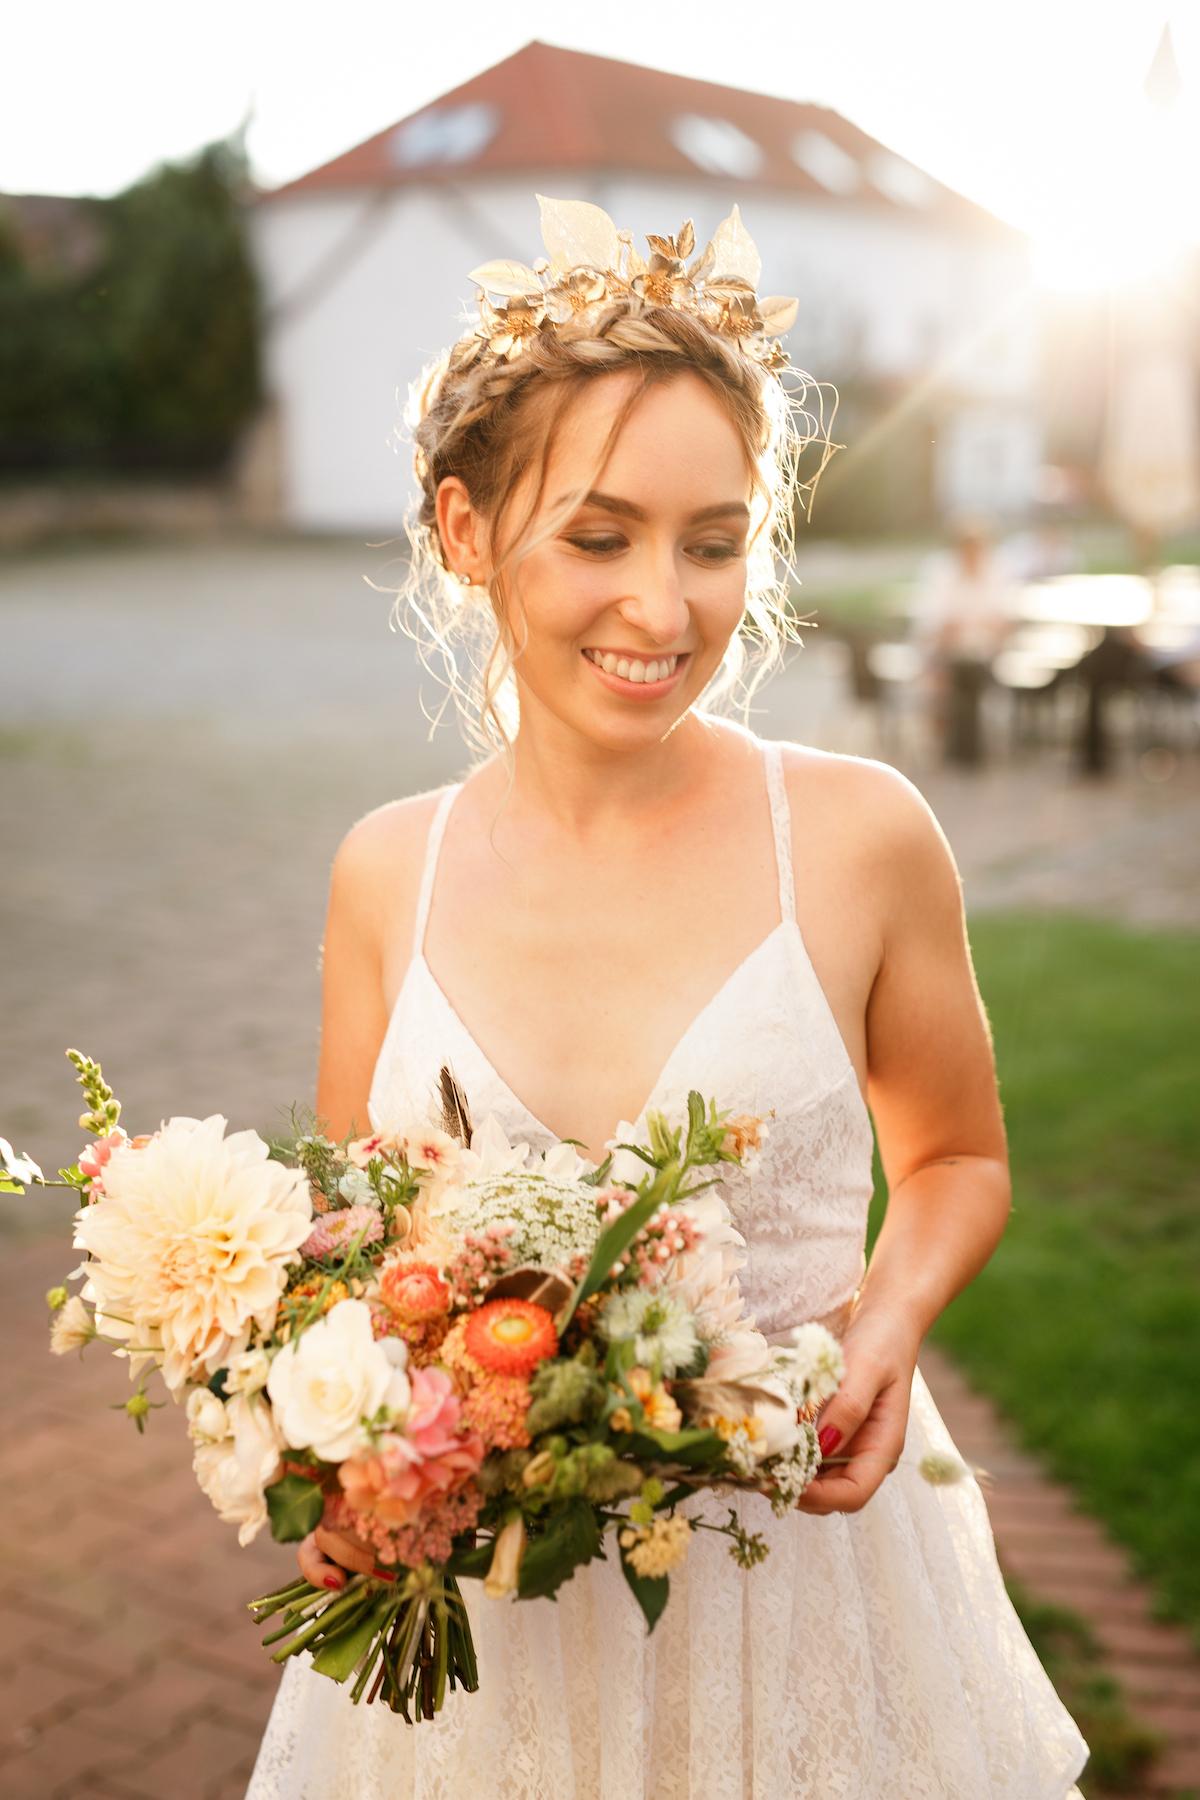 Boho šampaň uvolněná svatební kytice. 919c573caf